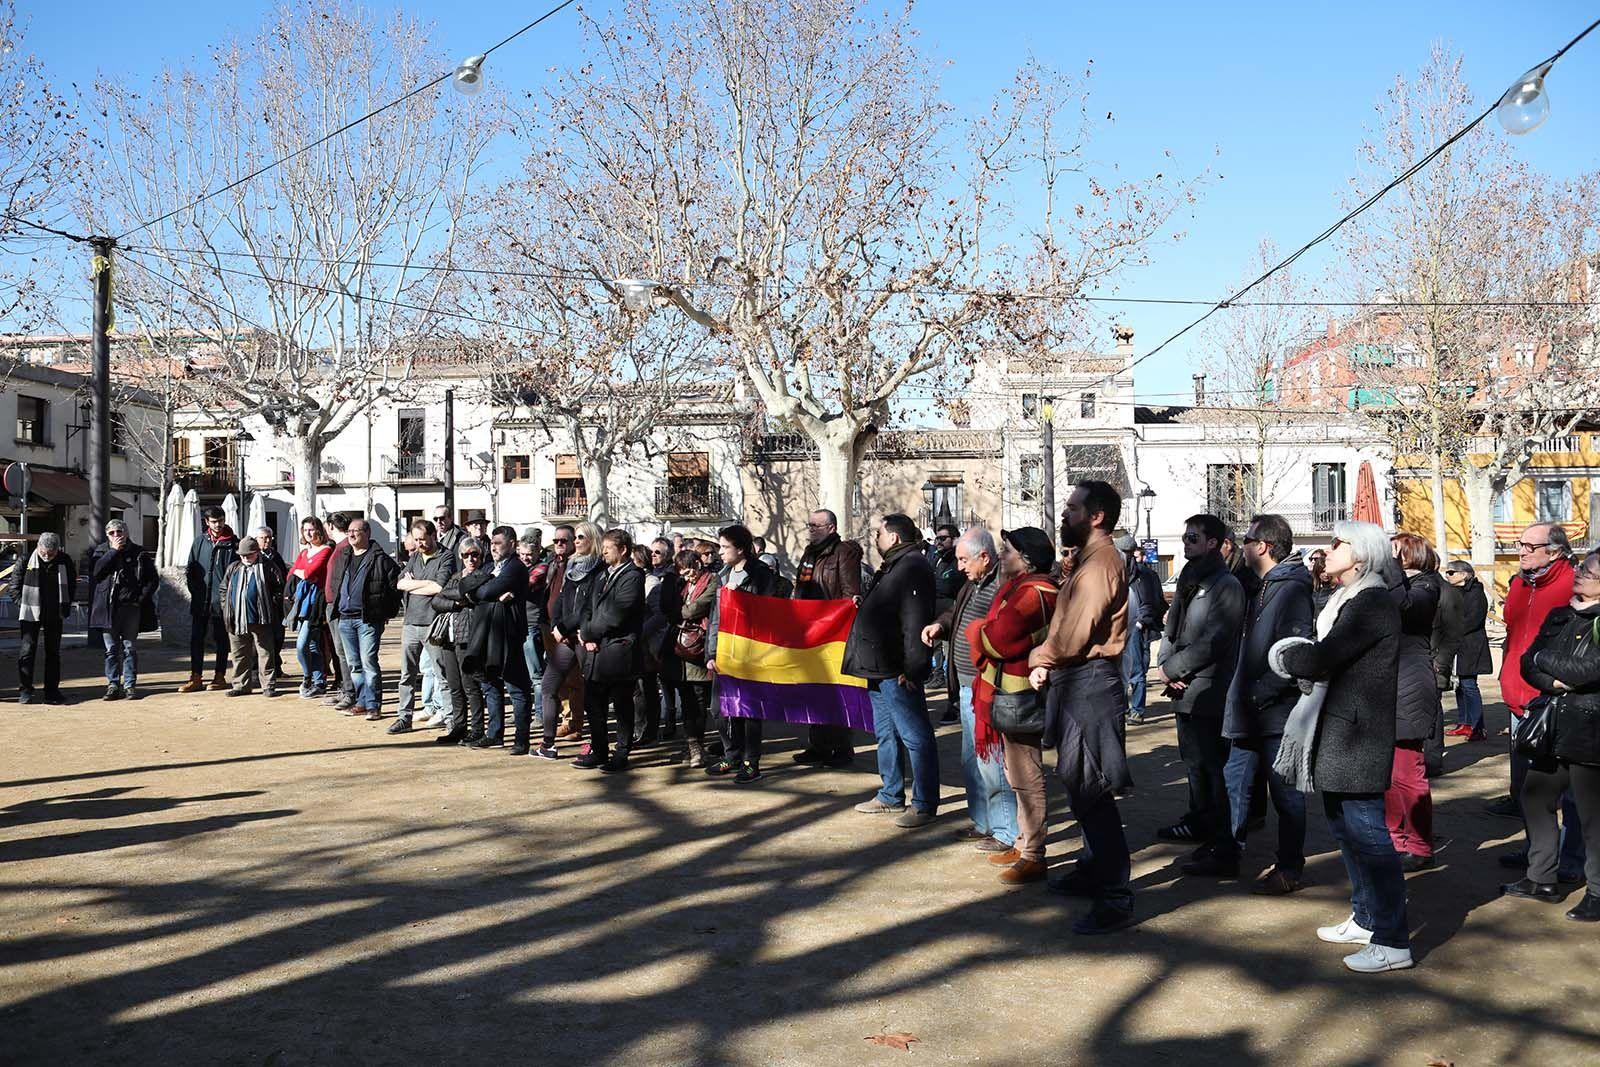 Jornada d'homenatge a les víctimes del franquisme. Foto: Lali Álvarez